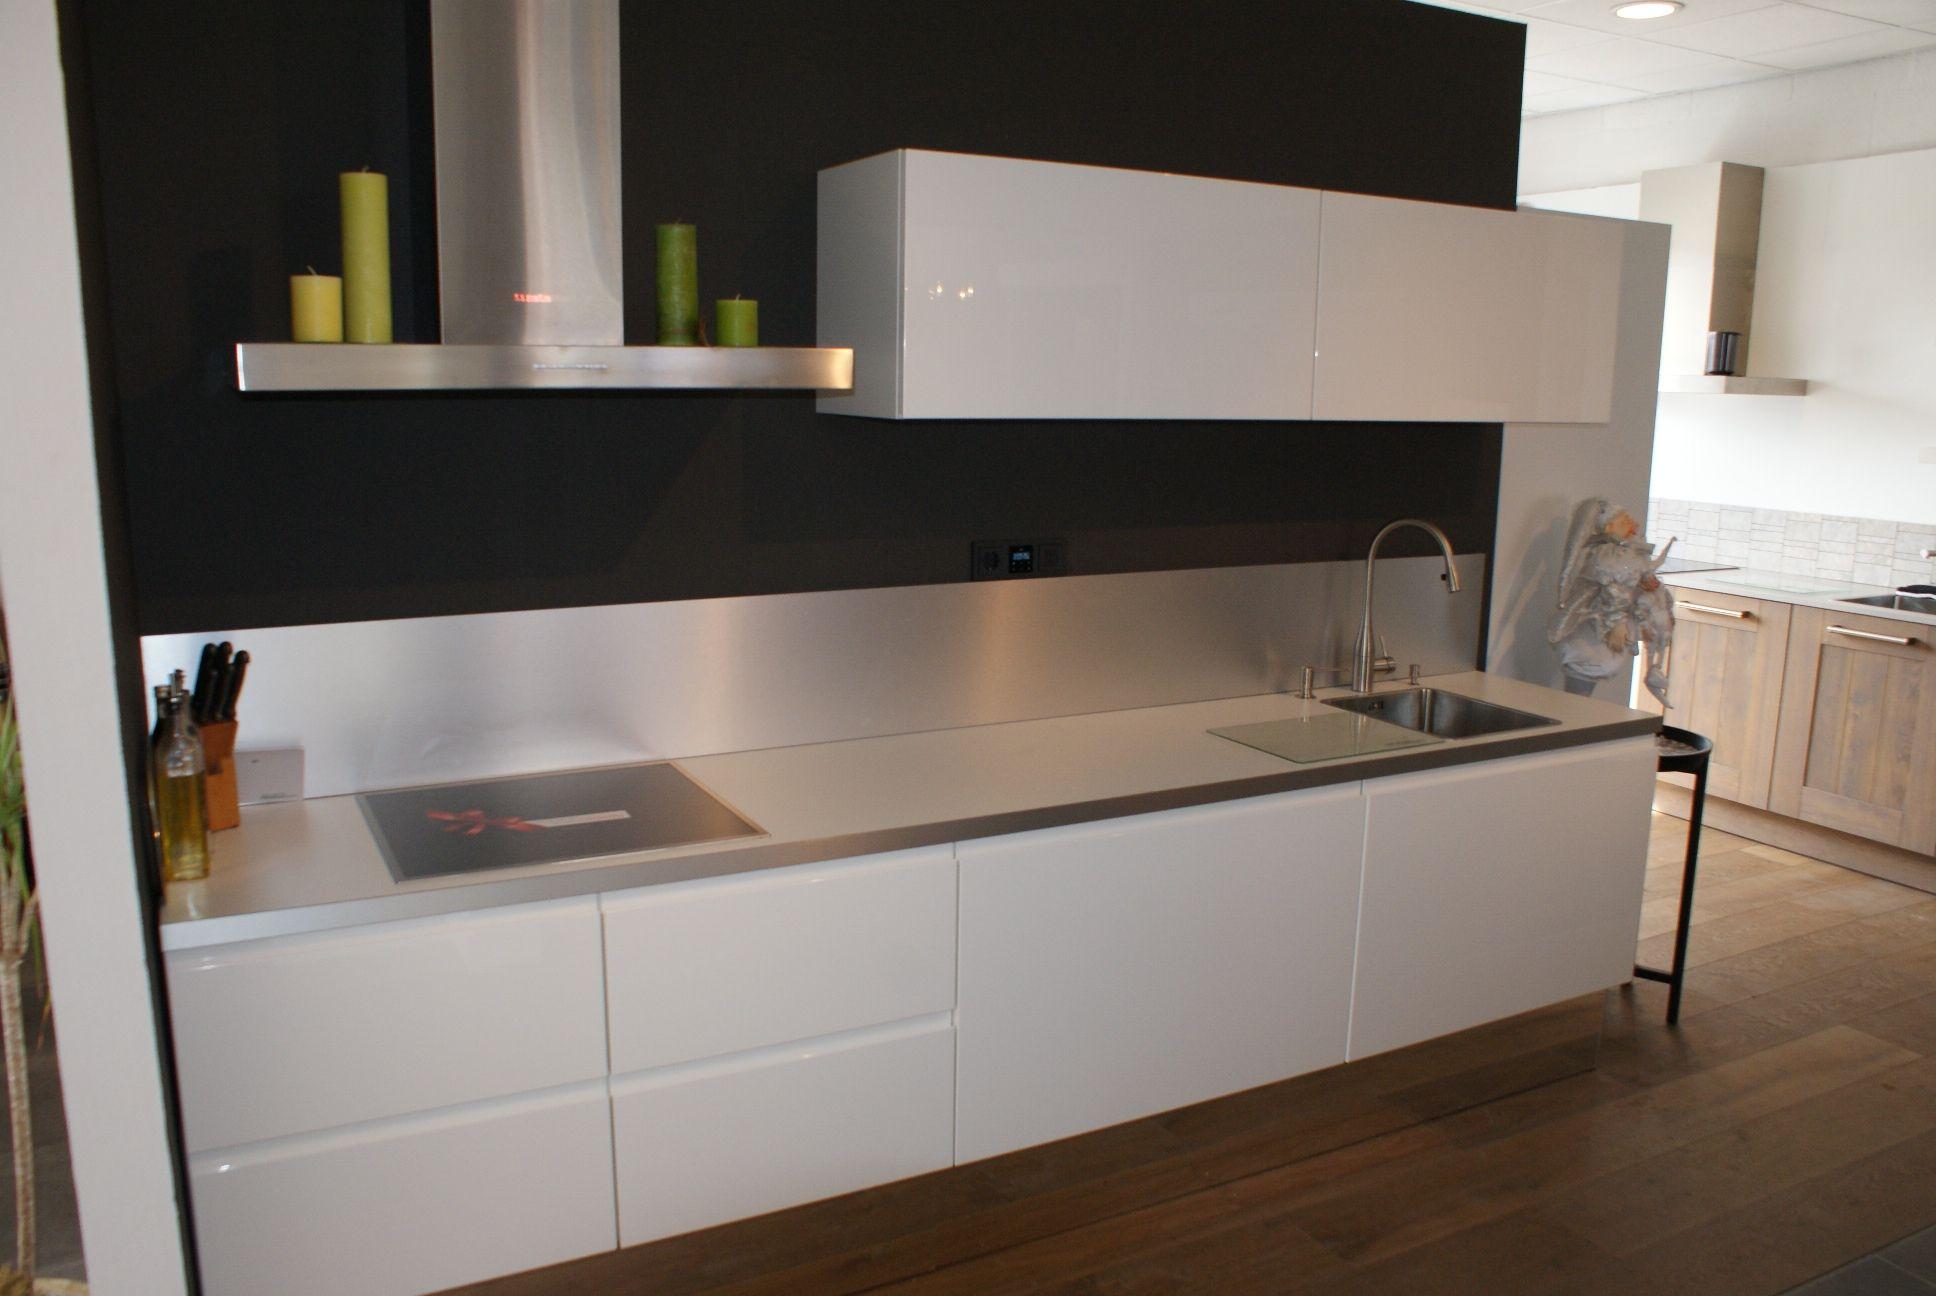 Hoogglans Wit Keuken Greeploos : keukens voor zeer lage keuken prijzen Select nieuw greeploos [50086